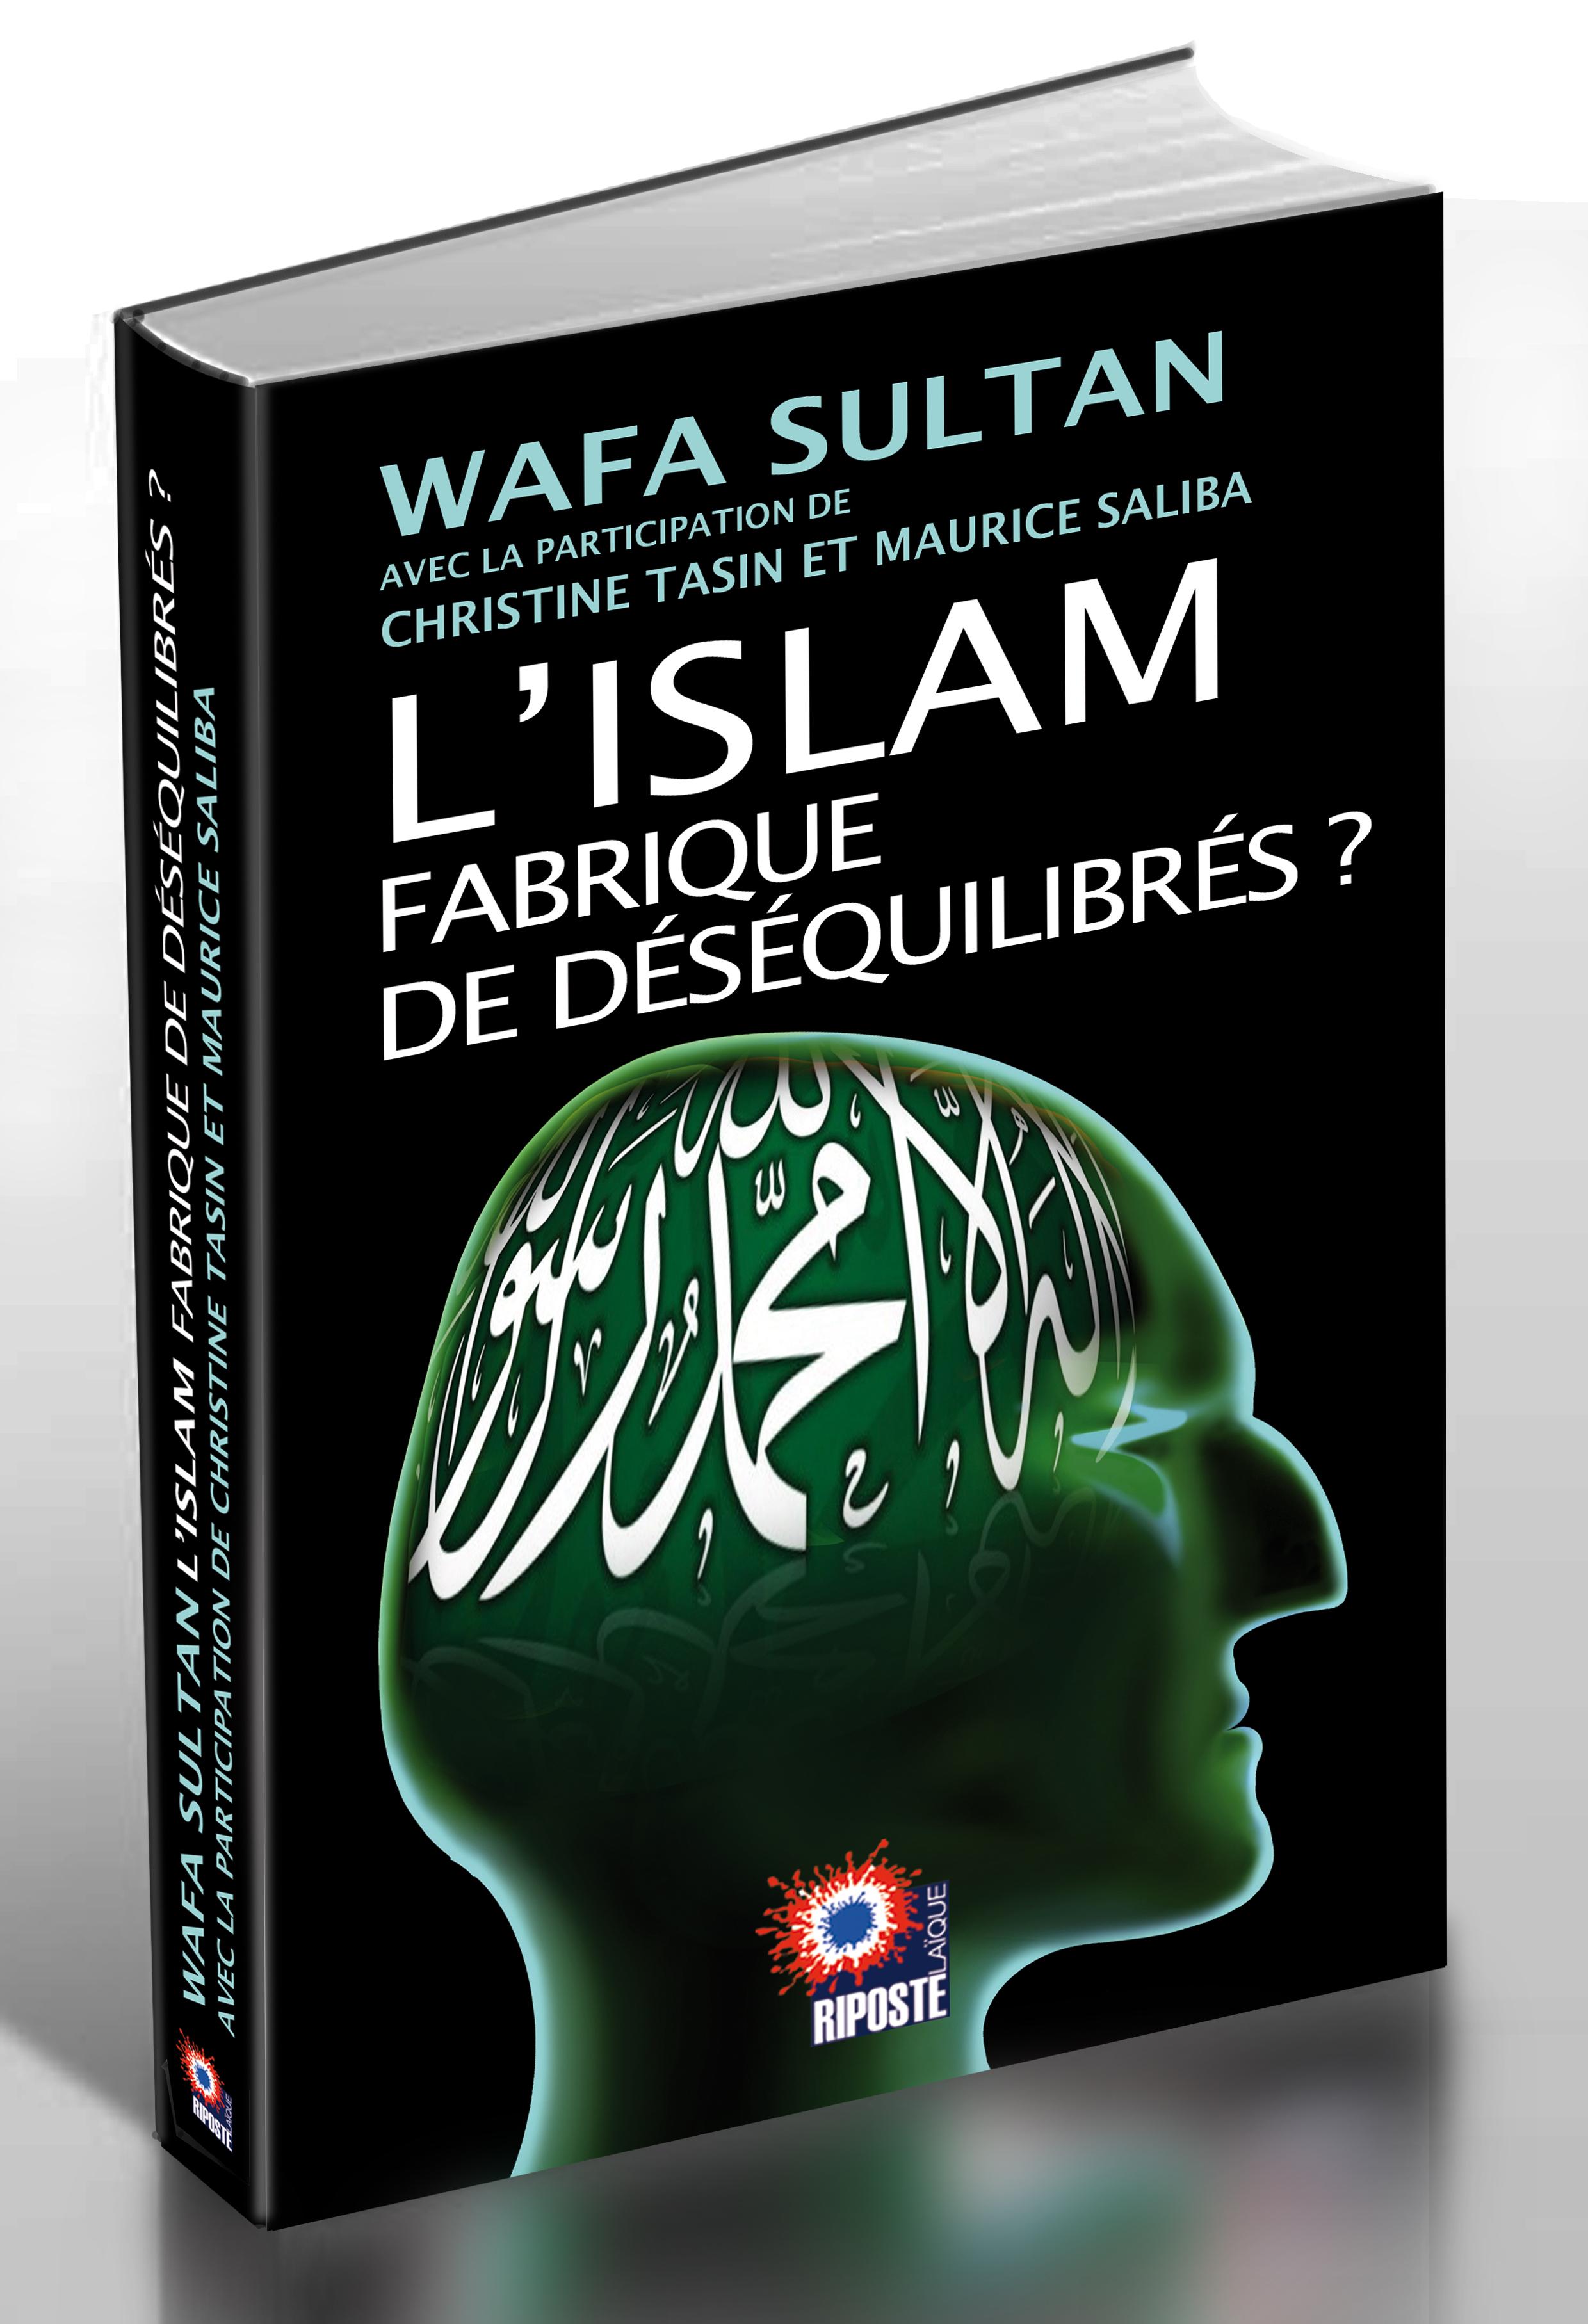 wafarl1-4